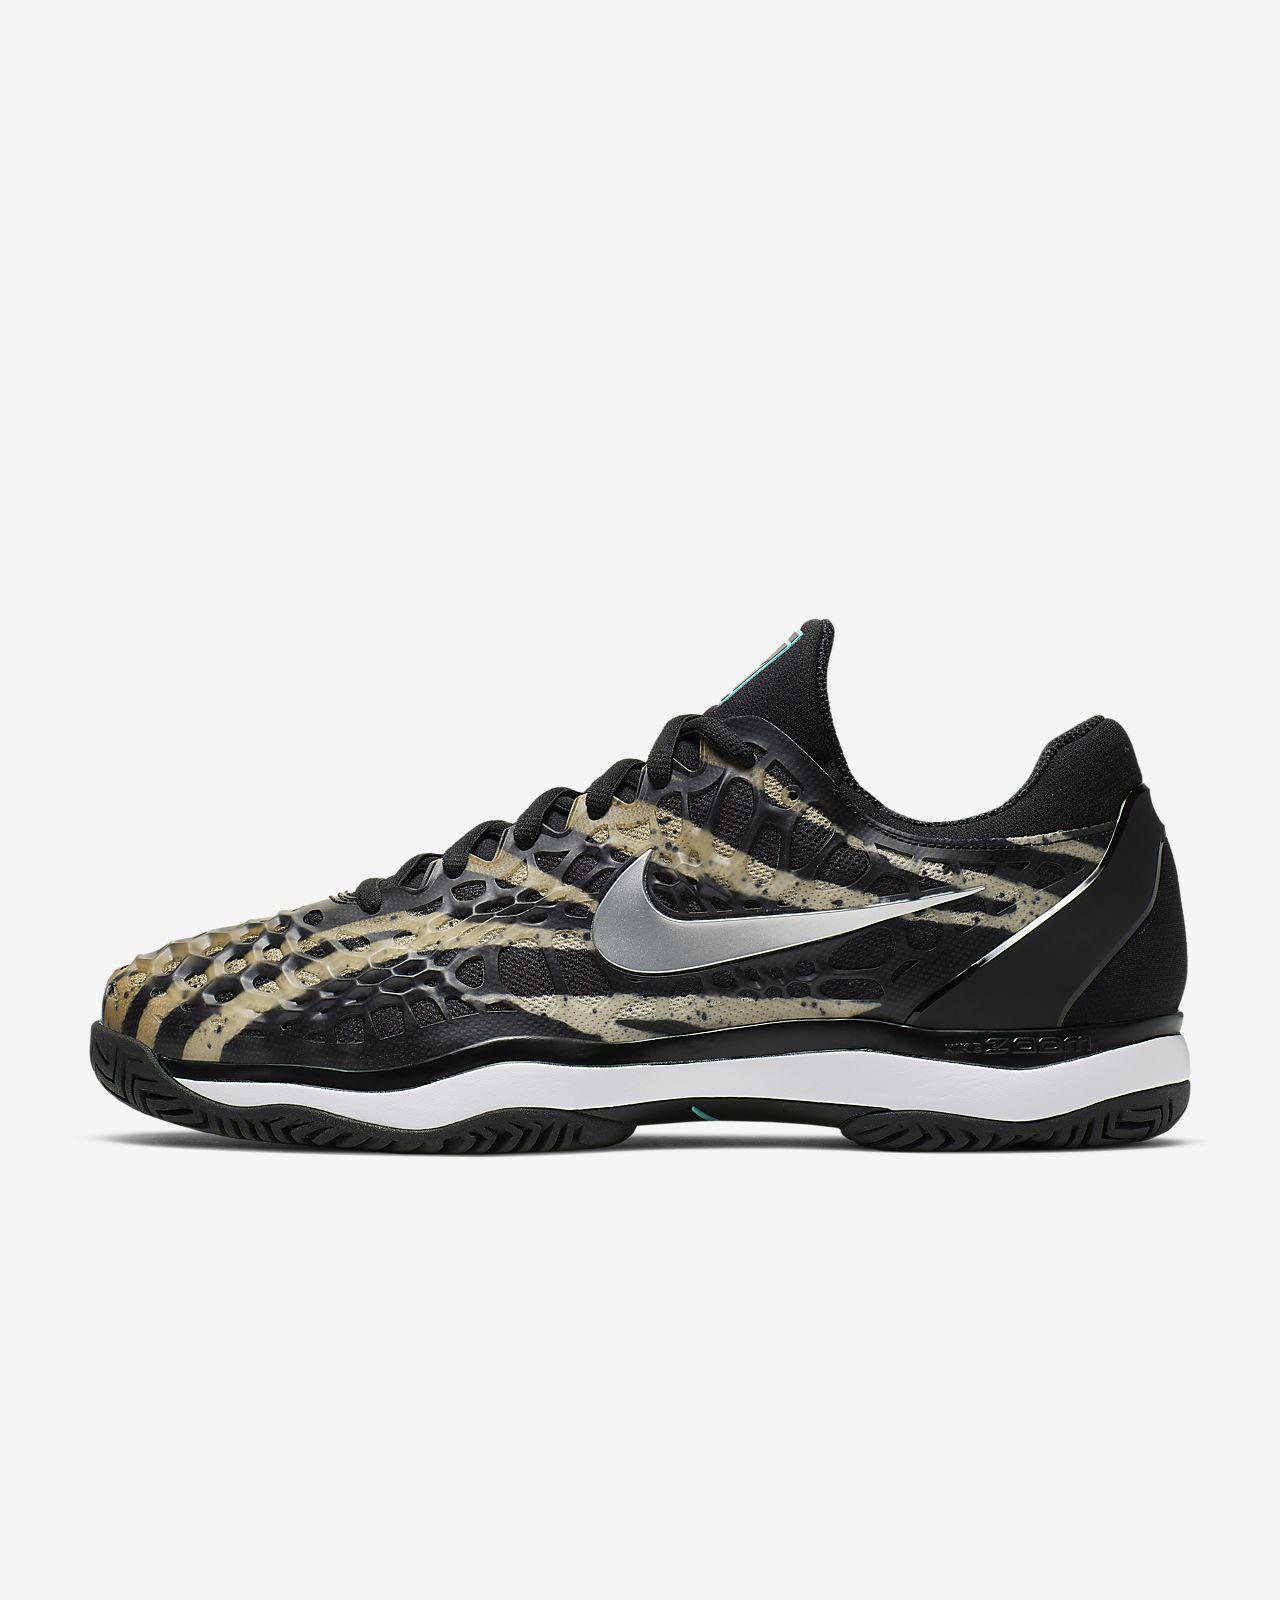 nike tennis scarpe uomo 2018